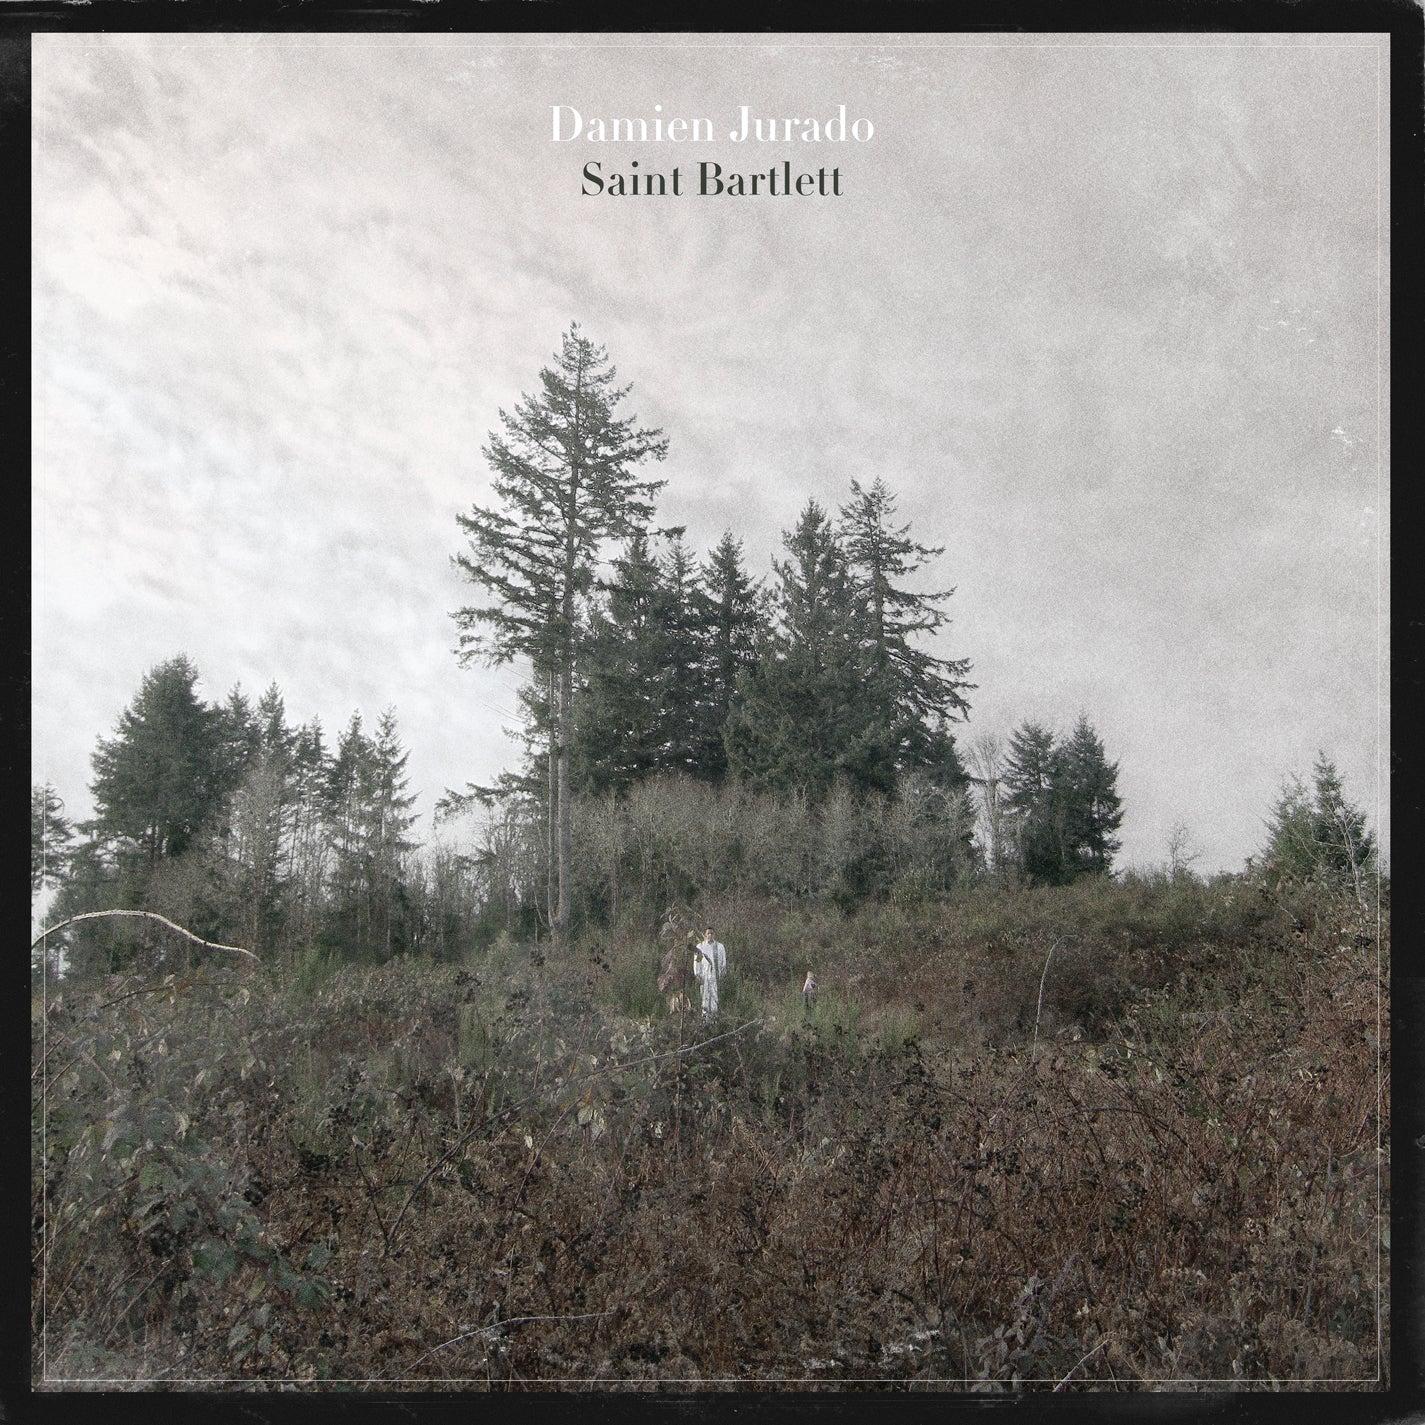 Image of Saint Bartlett CD